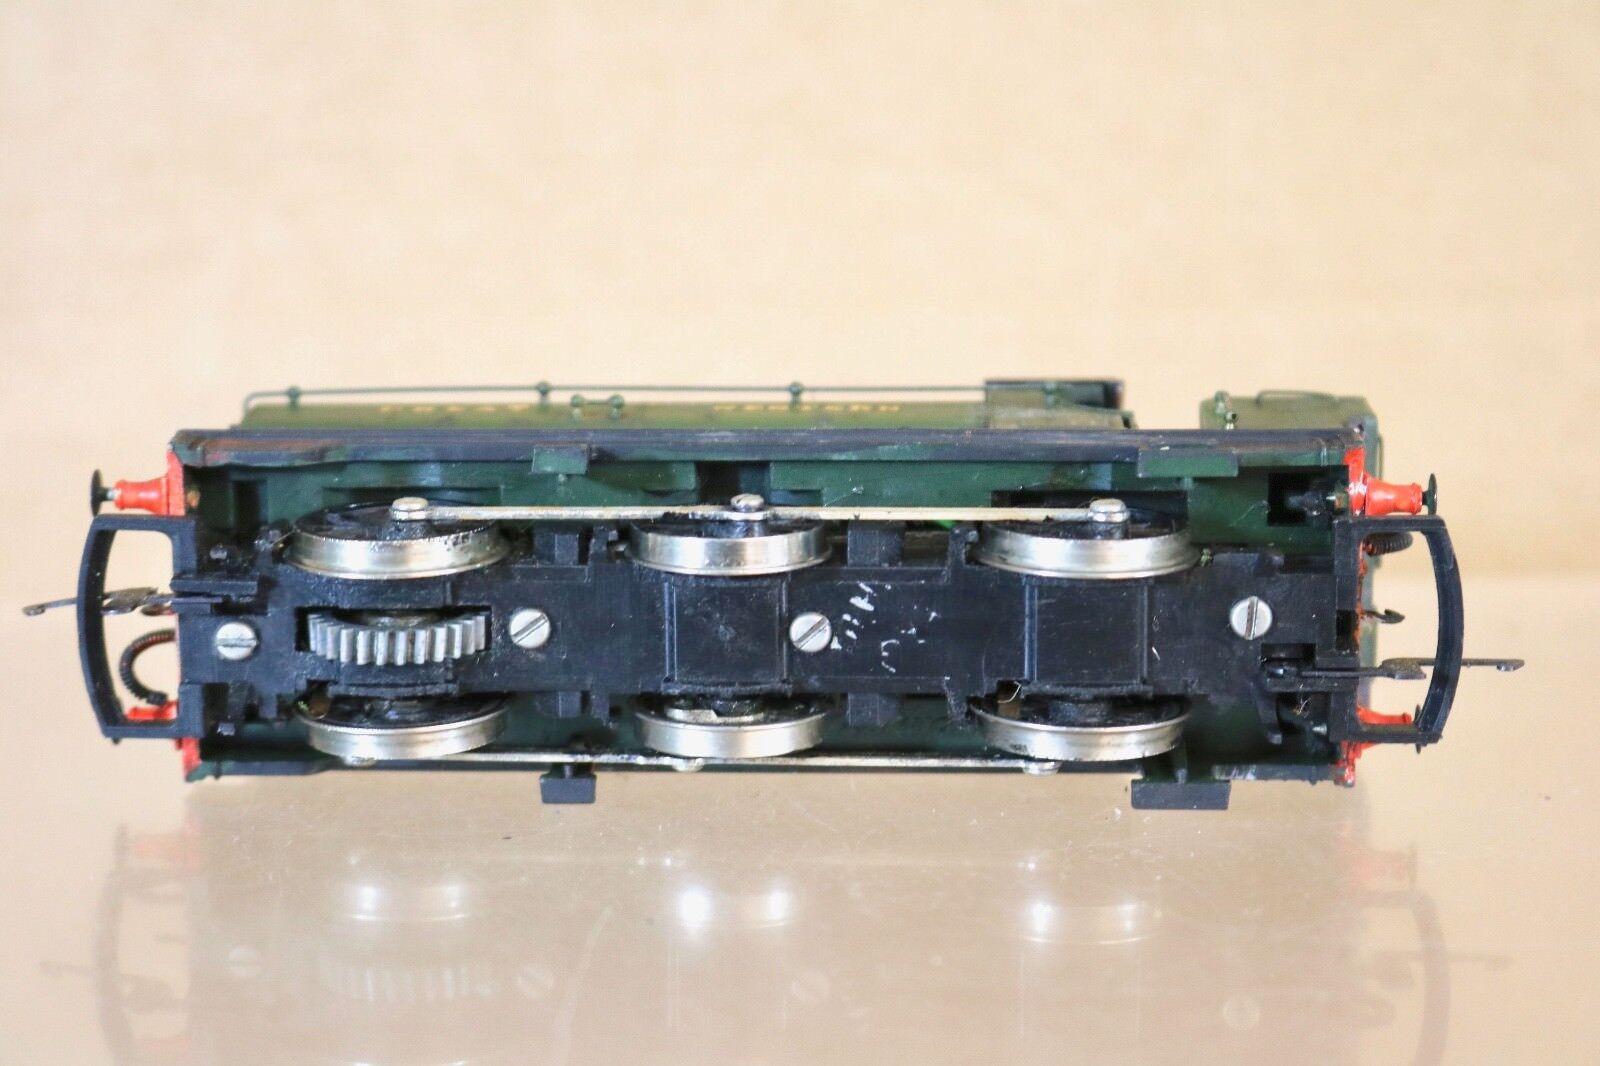 HORNBY KIT BUILT WEATHErosso GW GWR 0-6-0 classe 27XX 27XX 27XX PANIER TANK LOCOMOTIVE 2744 f86c44